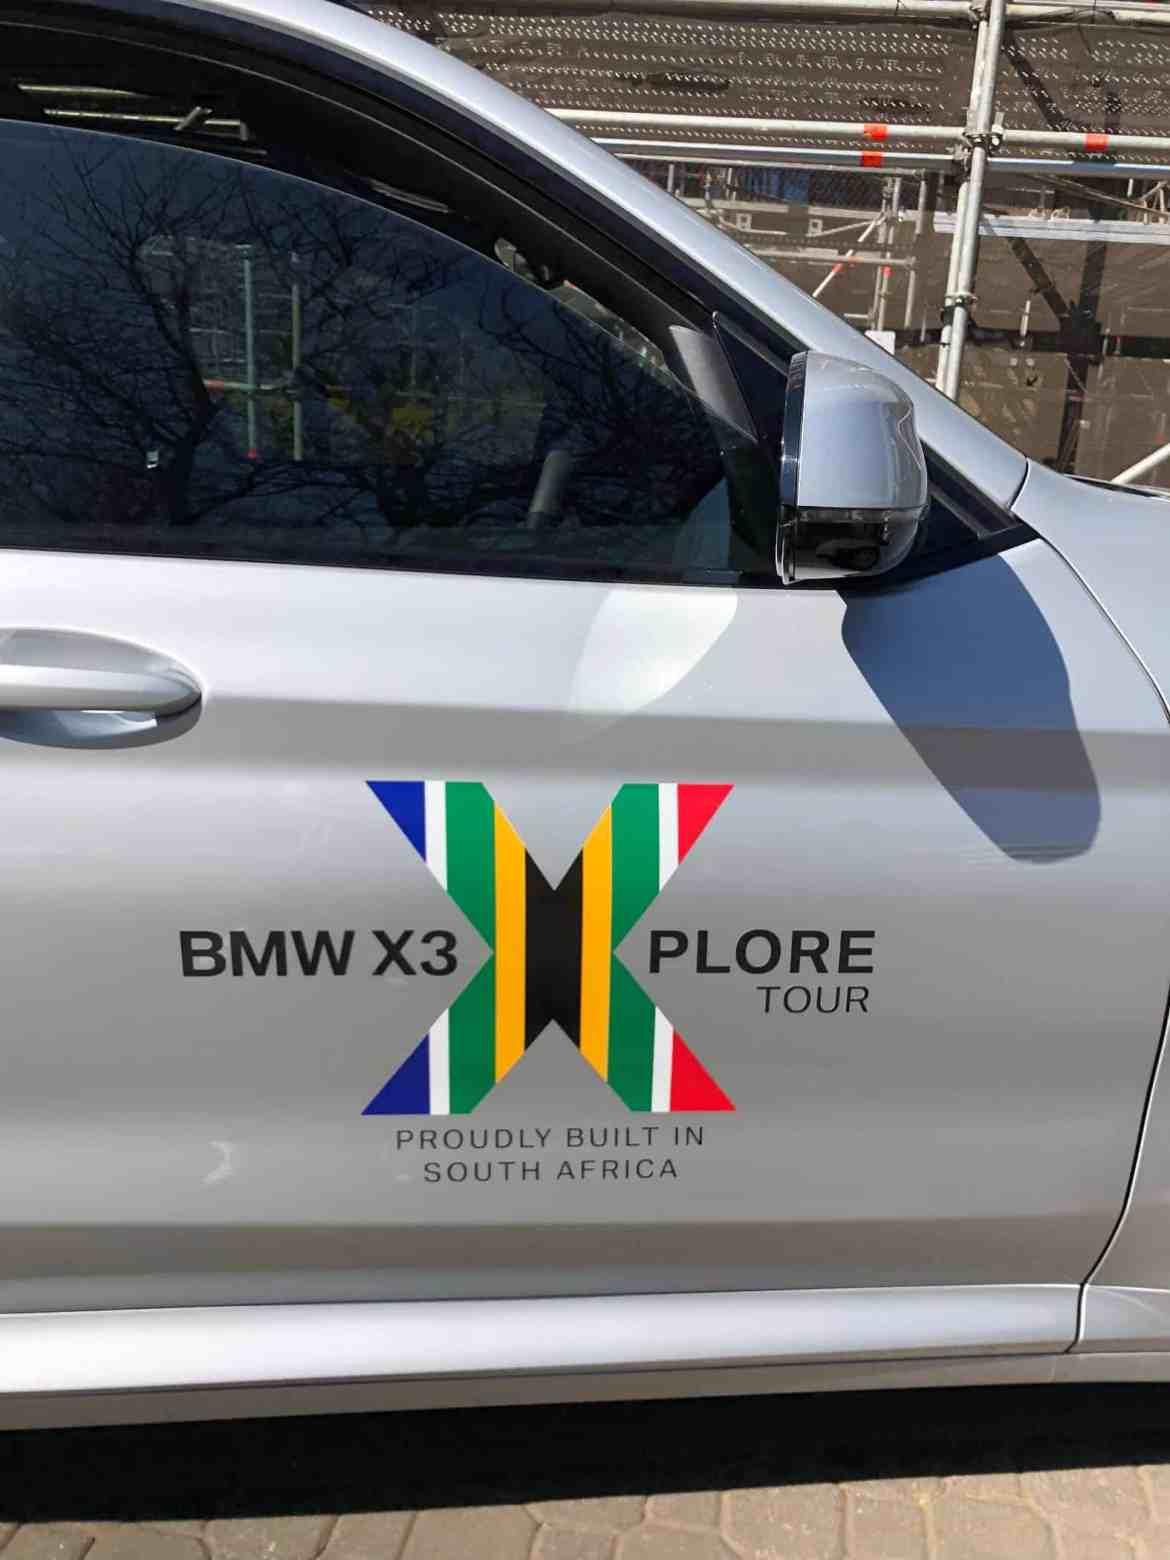 Das BMW X3 Werk in Rosslyn (Südafrika) - oder woher kommen eigentlich unsere Autos?